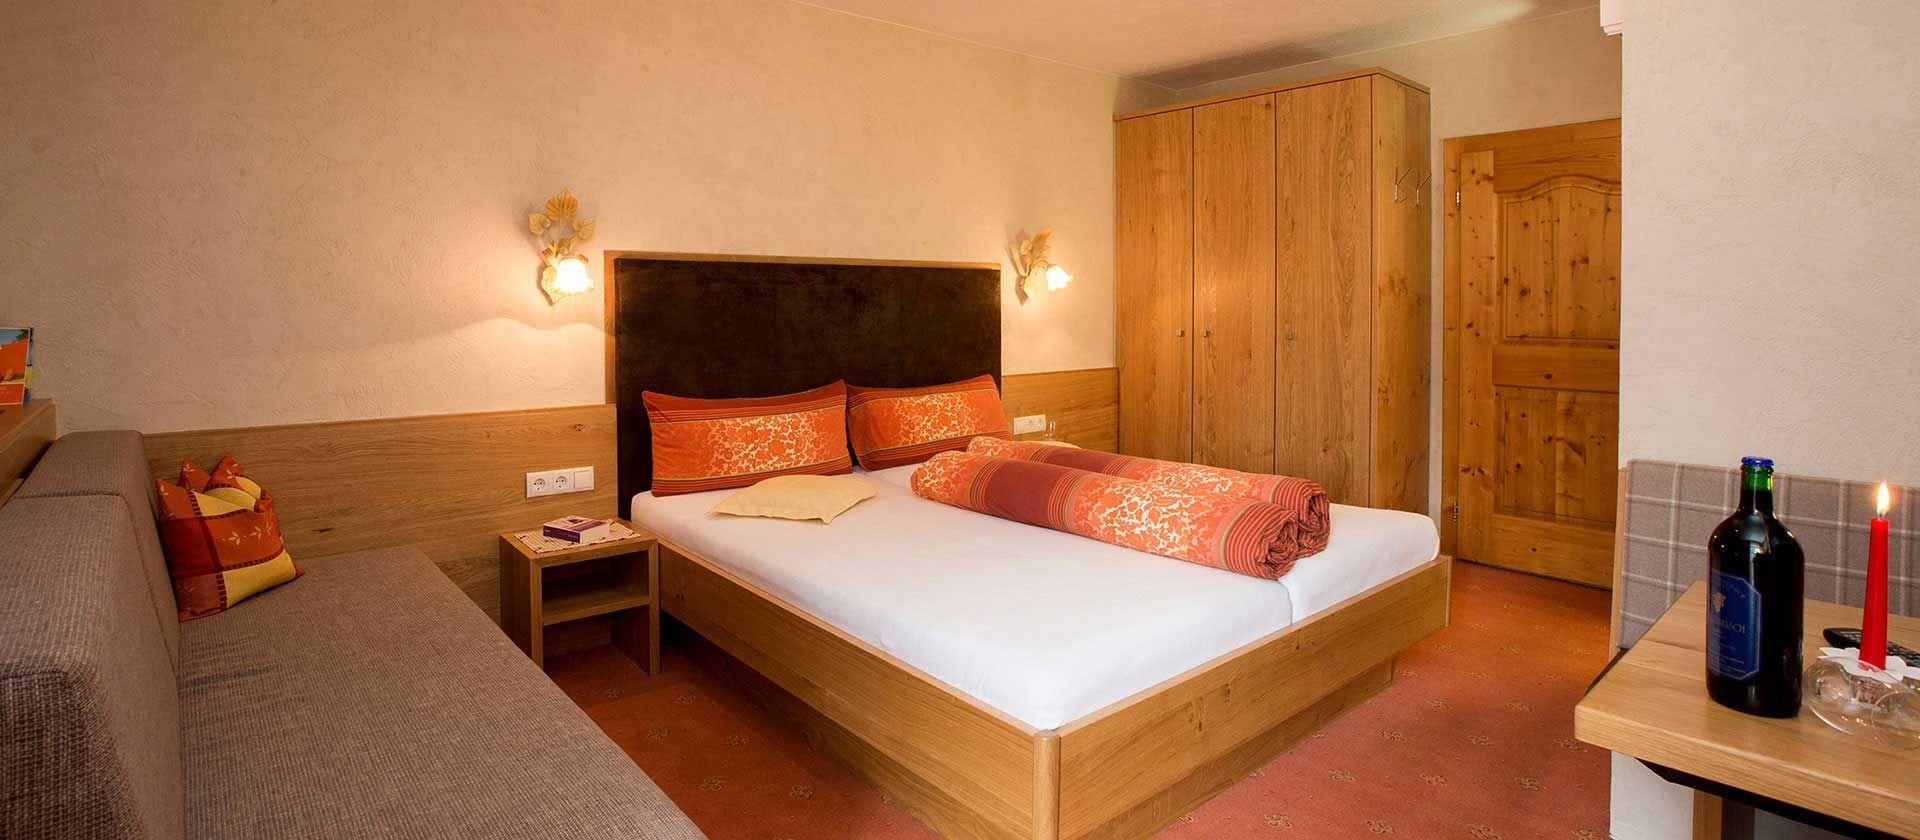 Wohnen im Hotel Jägerhof - Foto: bildreis - Fotografie - Bildagentur